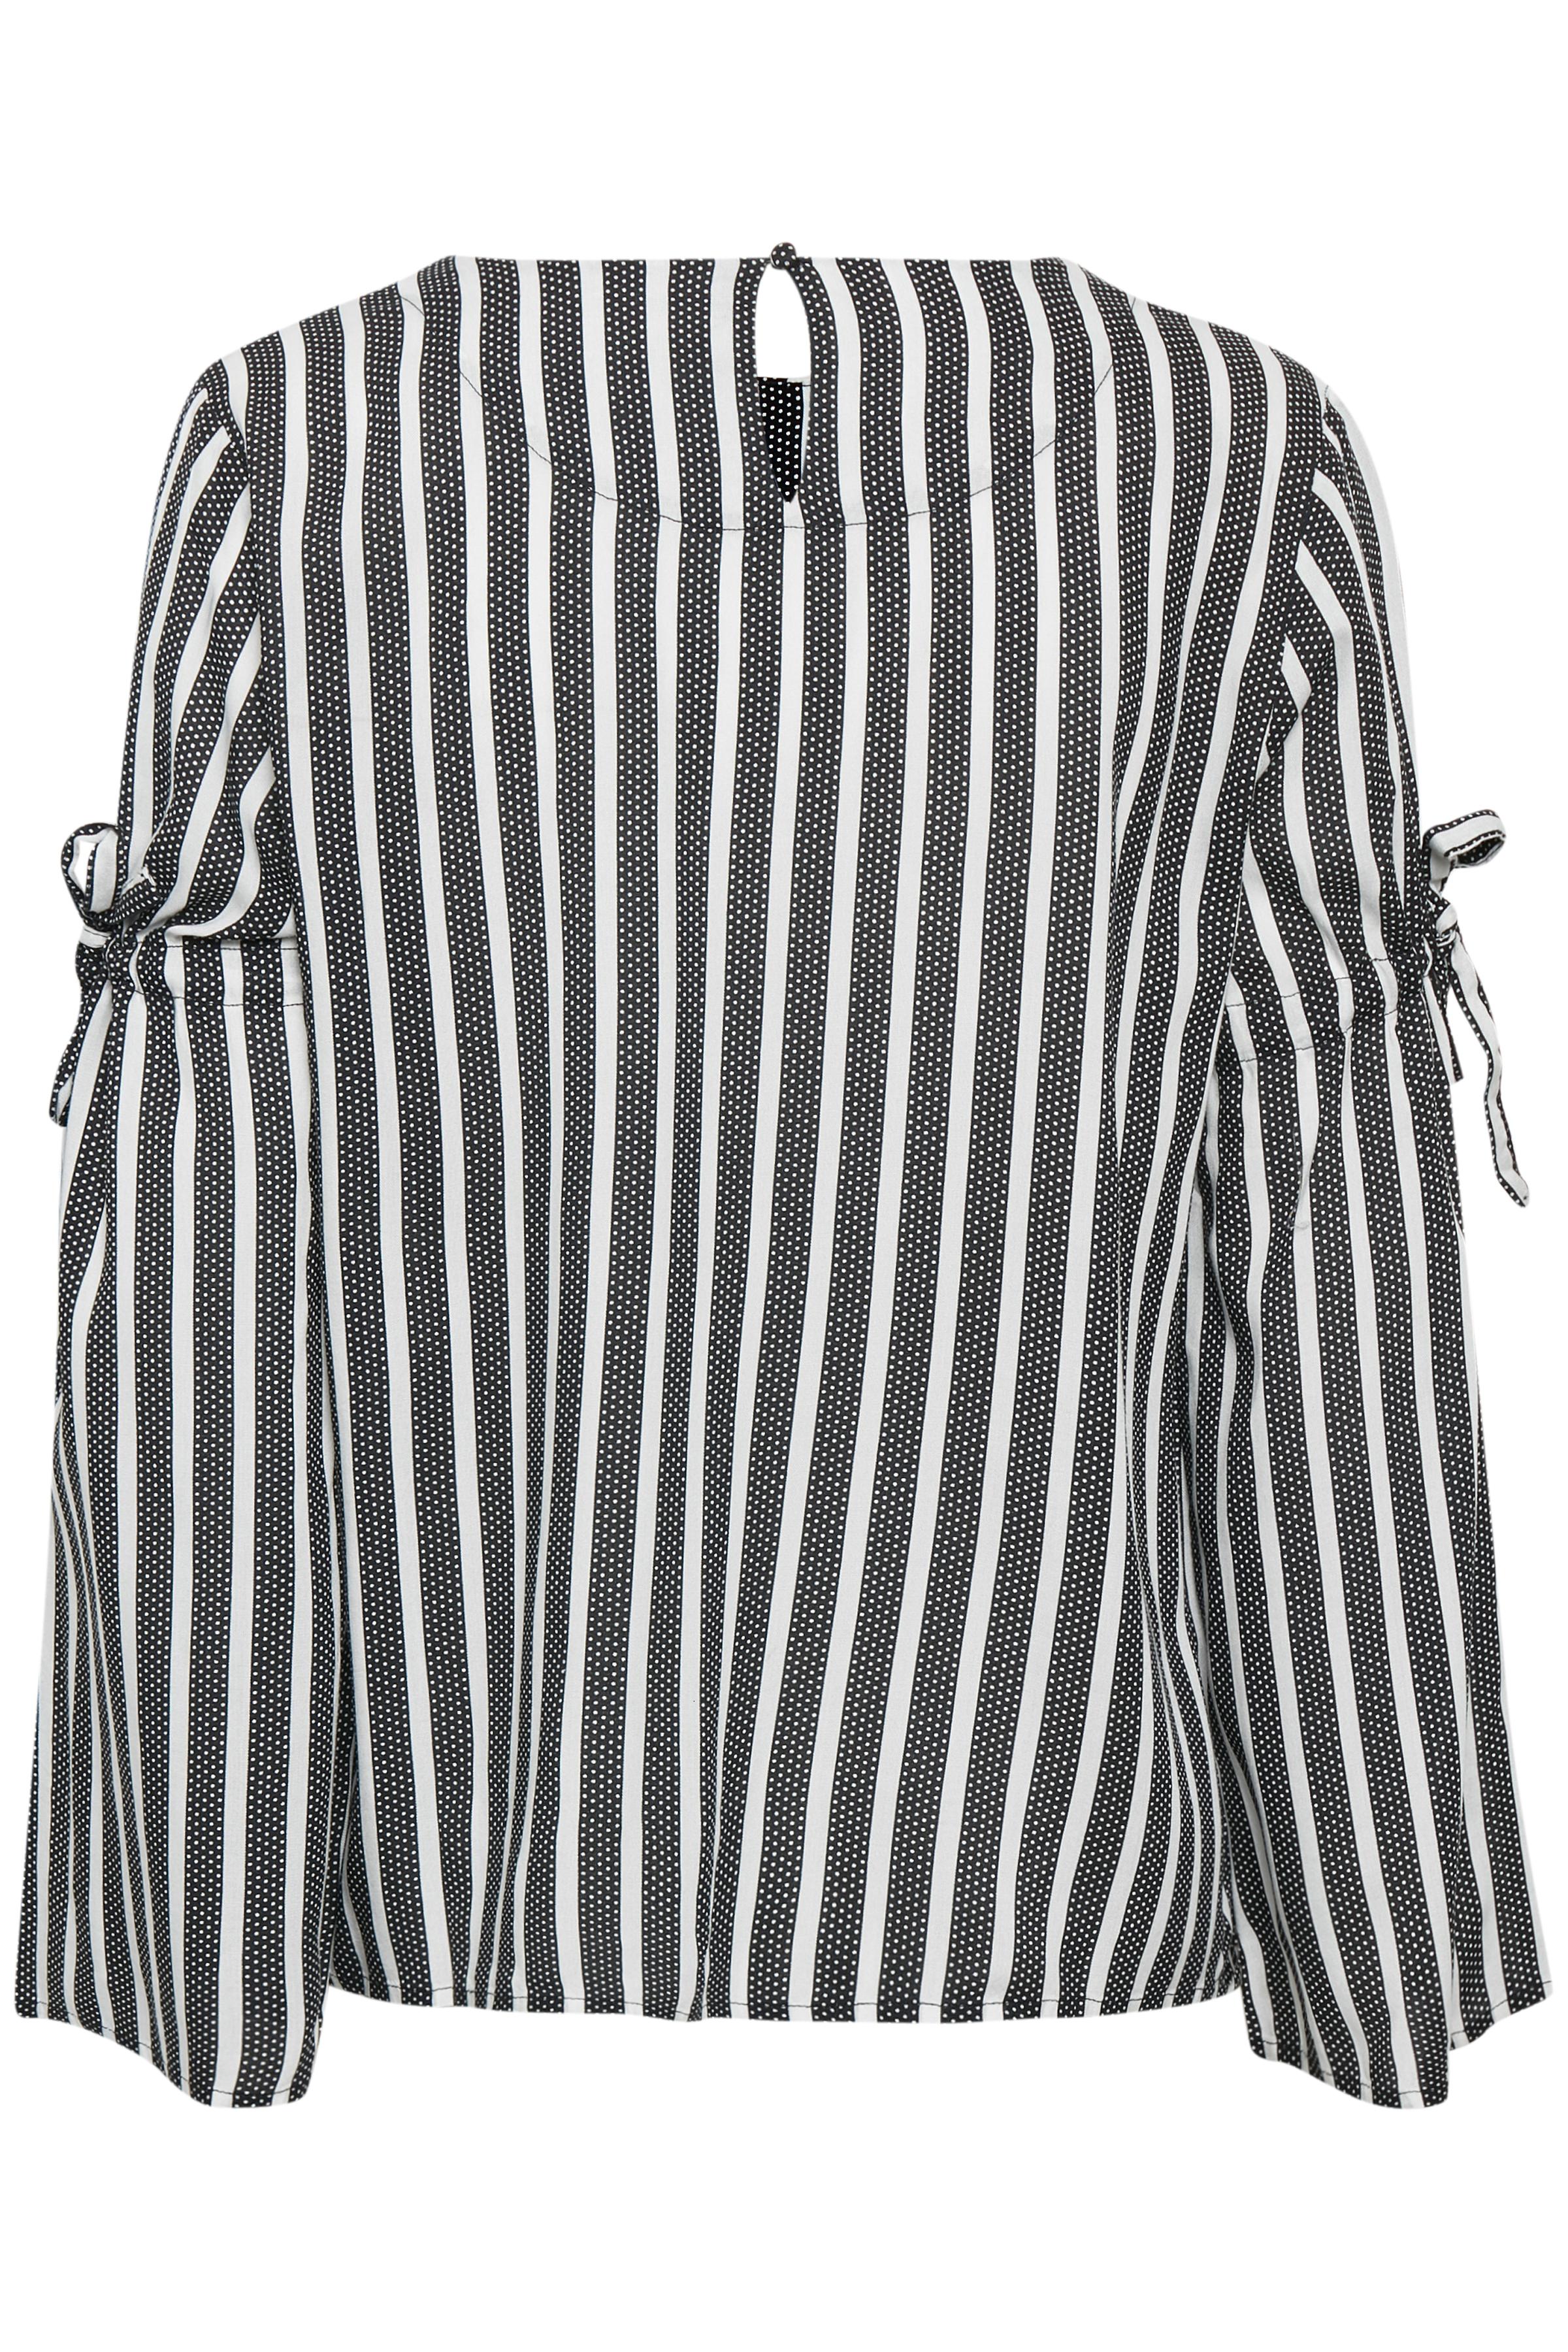 Schwarz/weiß Bluse von Fransa – Shoppen Sie Schwarz/weiß Bluse ab Gr. XS-XXL hier